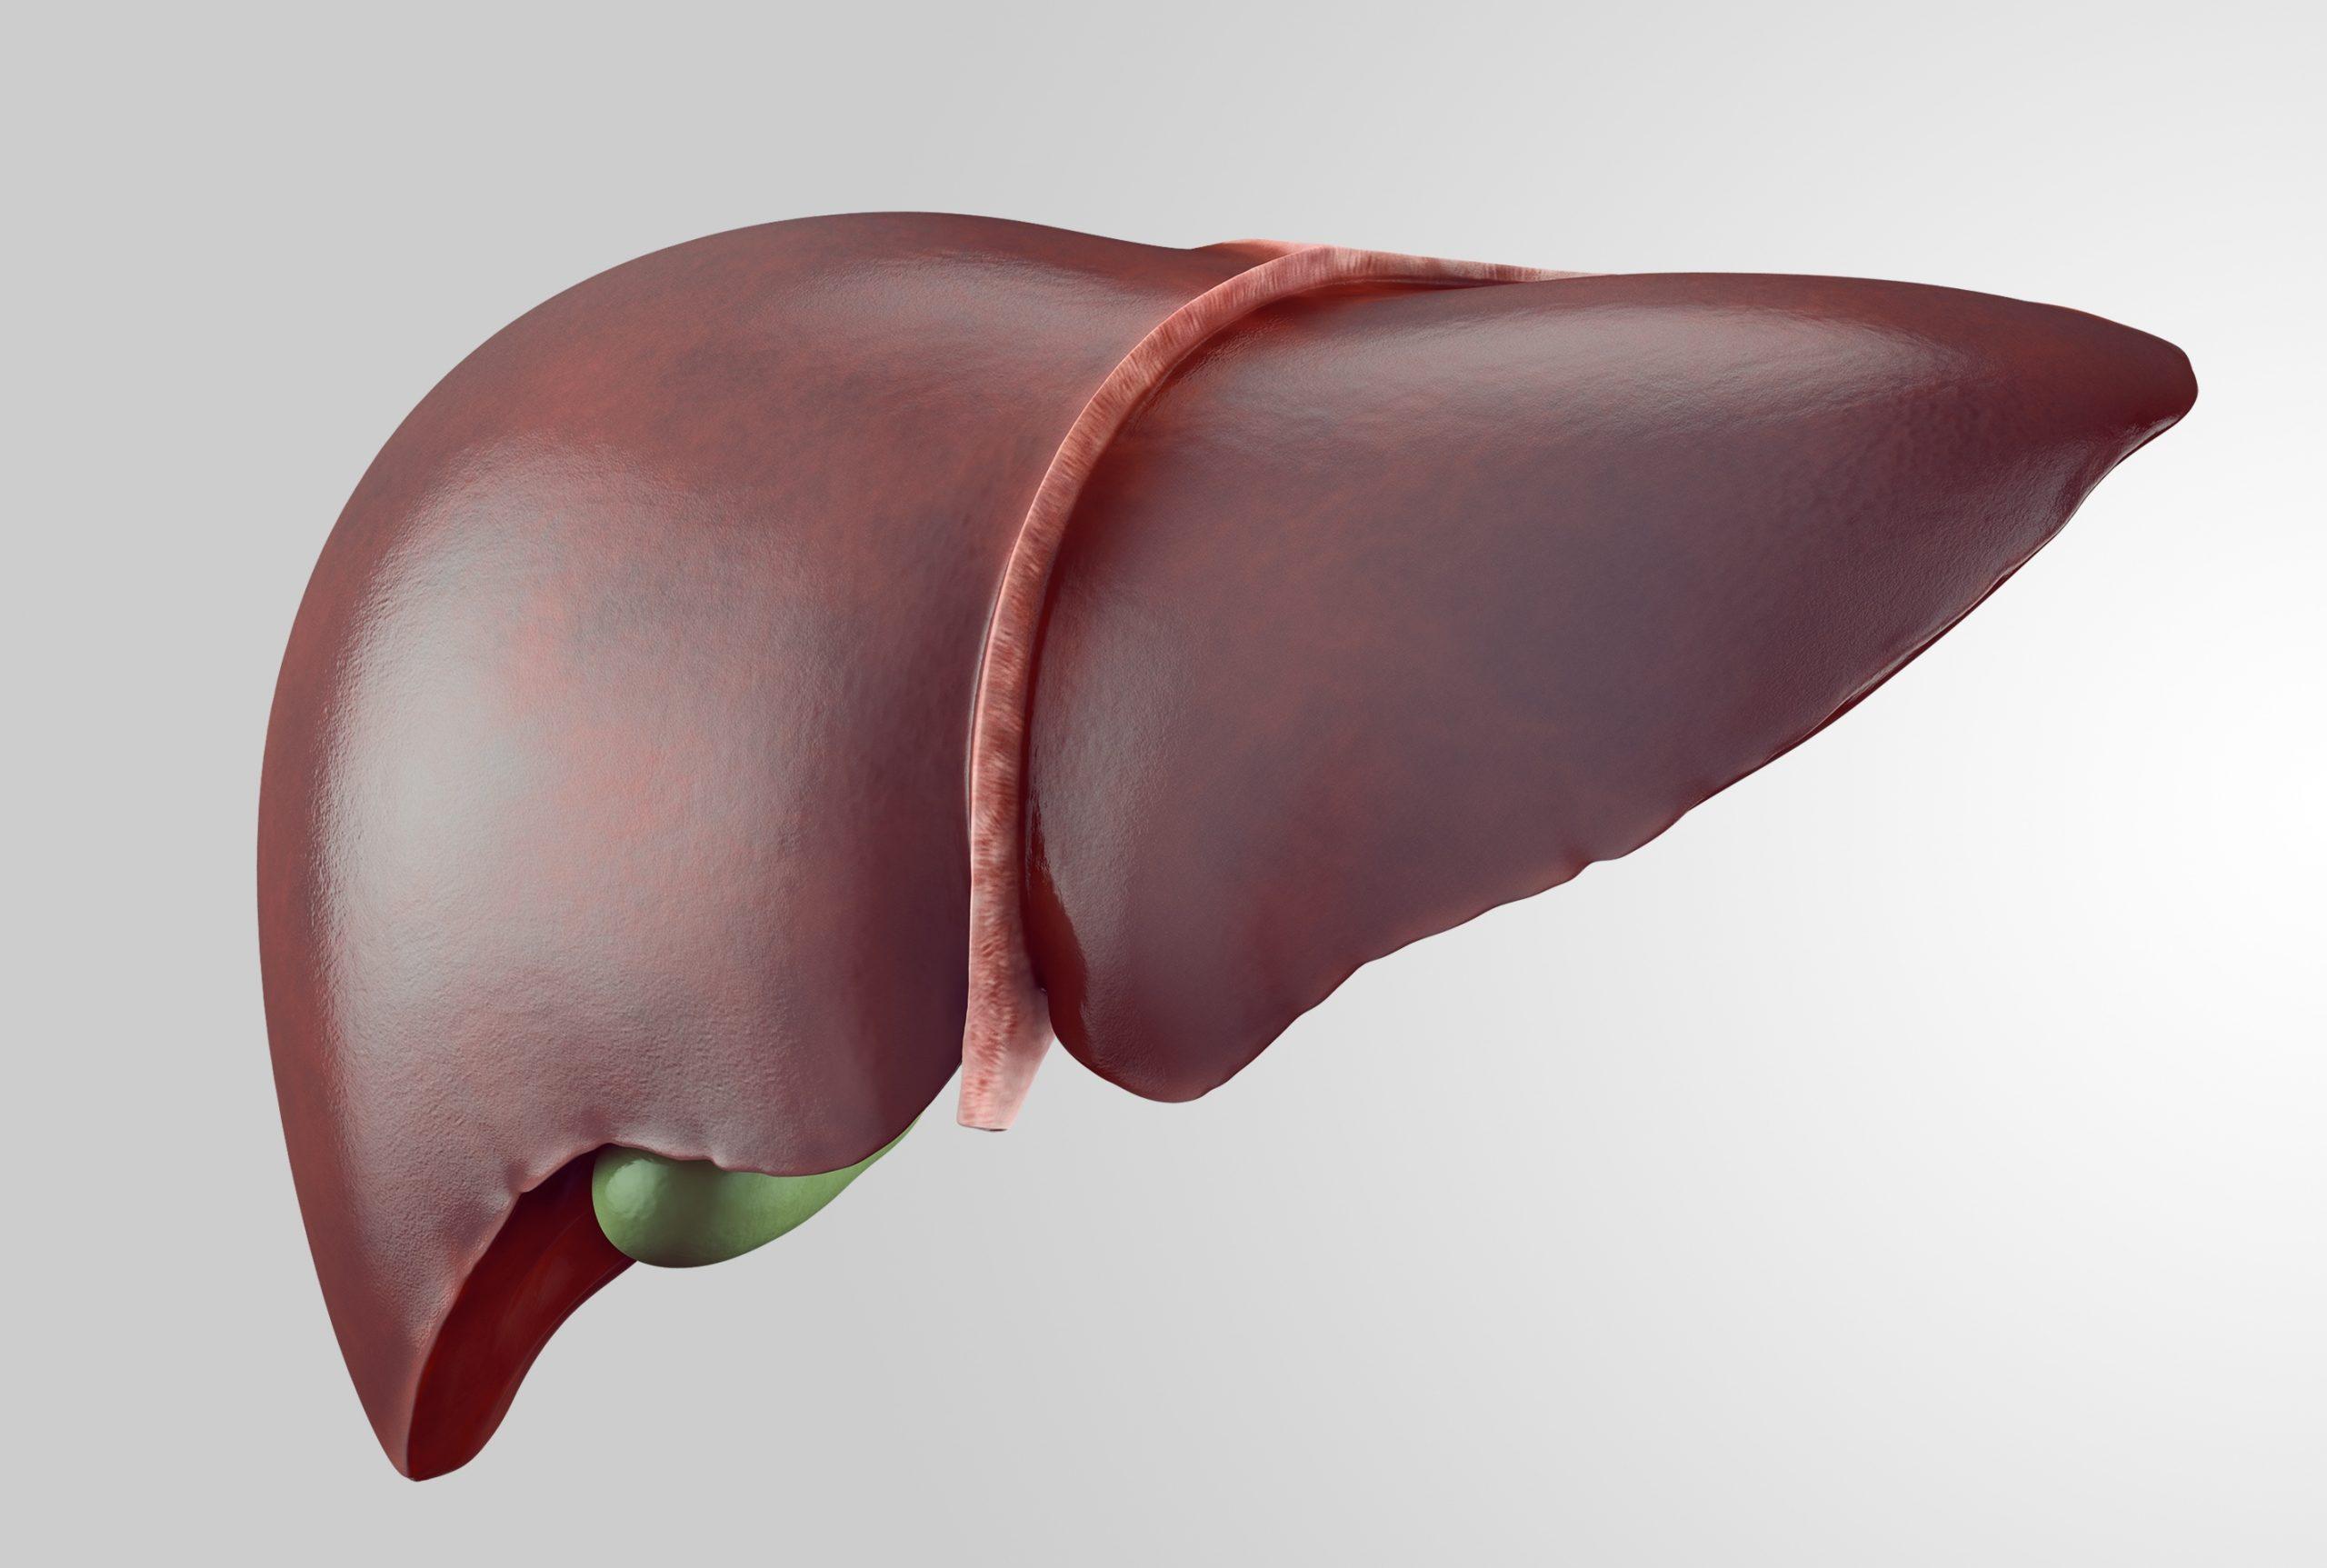 Liver Margin with Gallbladder